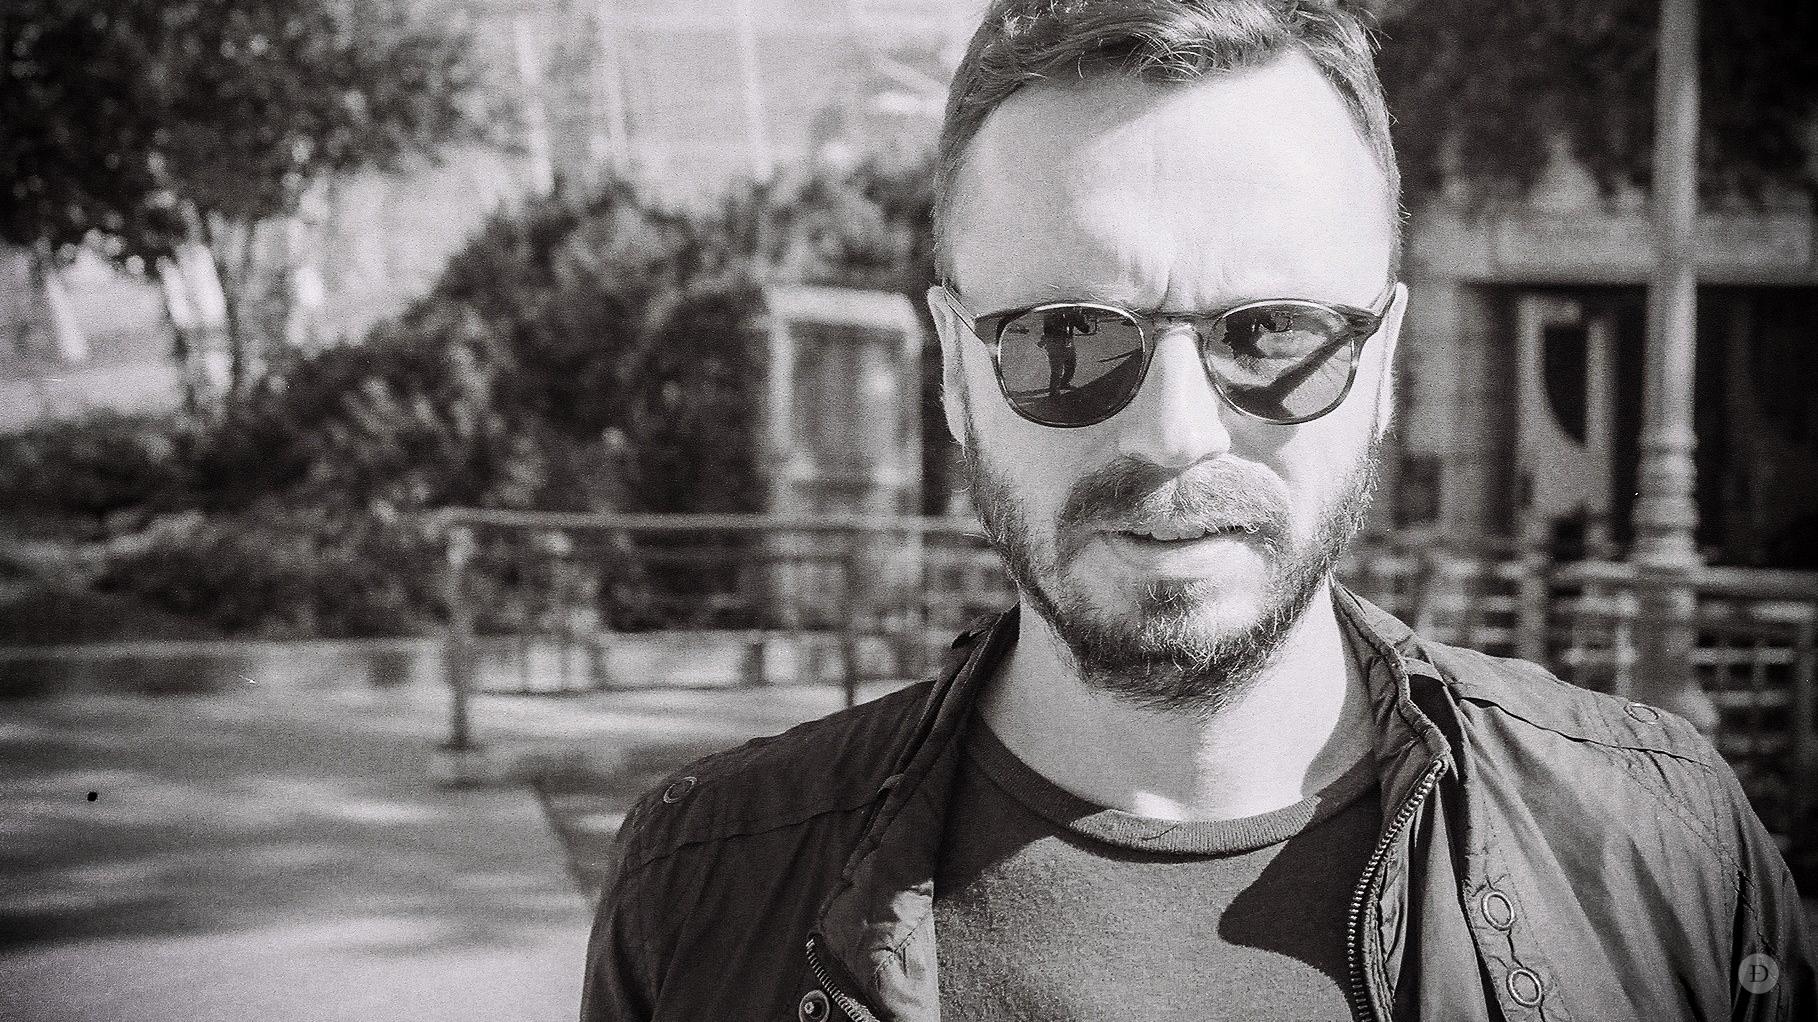 Sébastien Pilote